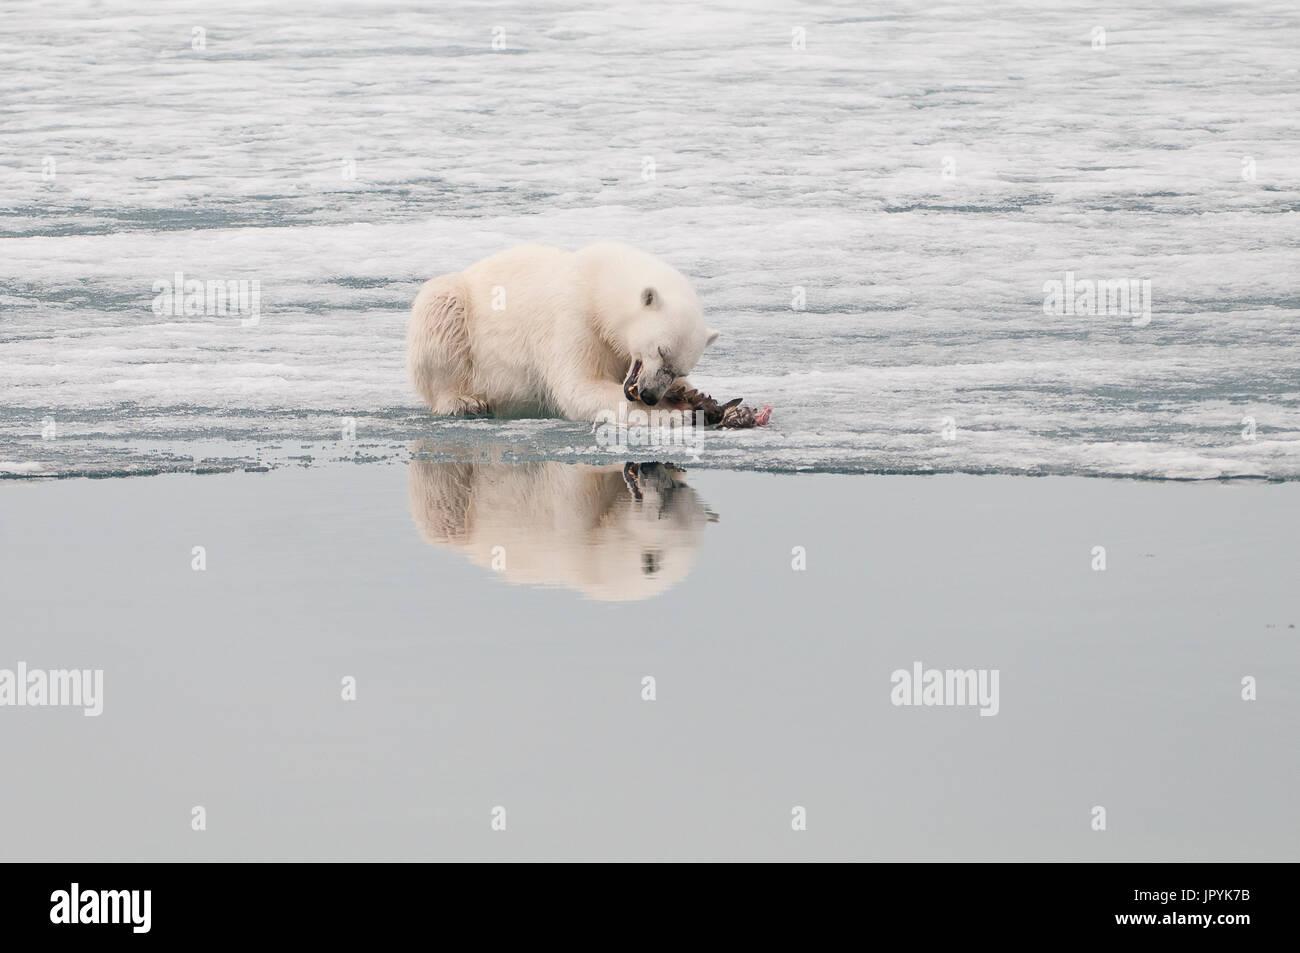 Manger de l'ours polaire un oiseau sur la glace - Spitzberg Photo Stock